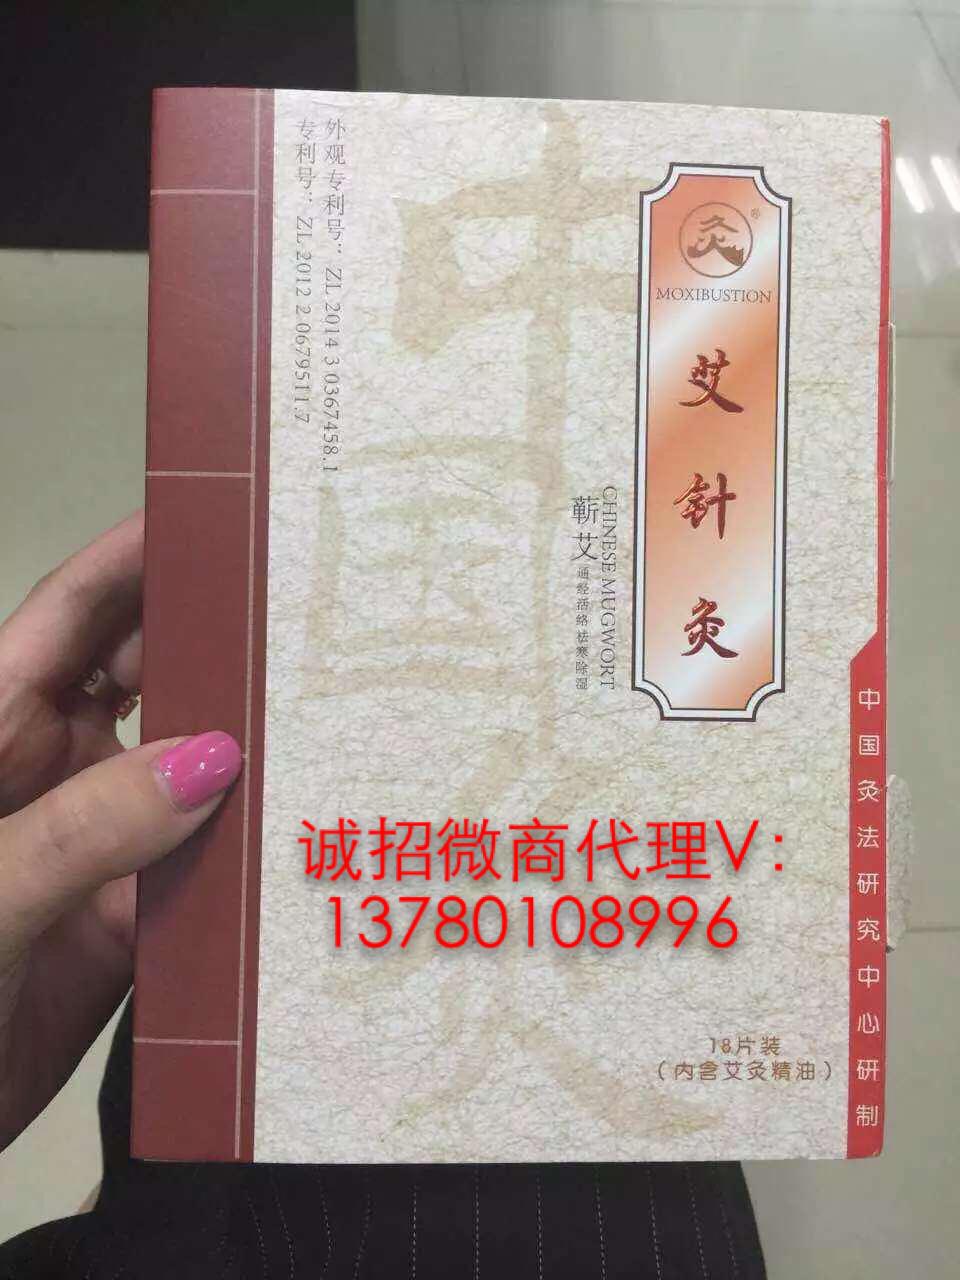 中国灸艾针灸13780108996明月团队